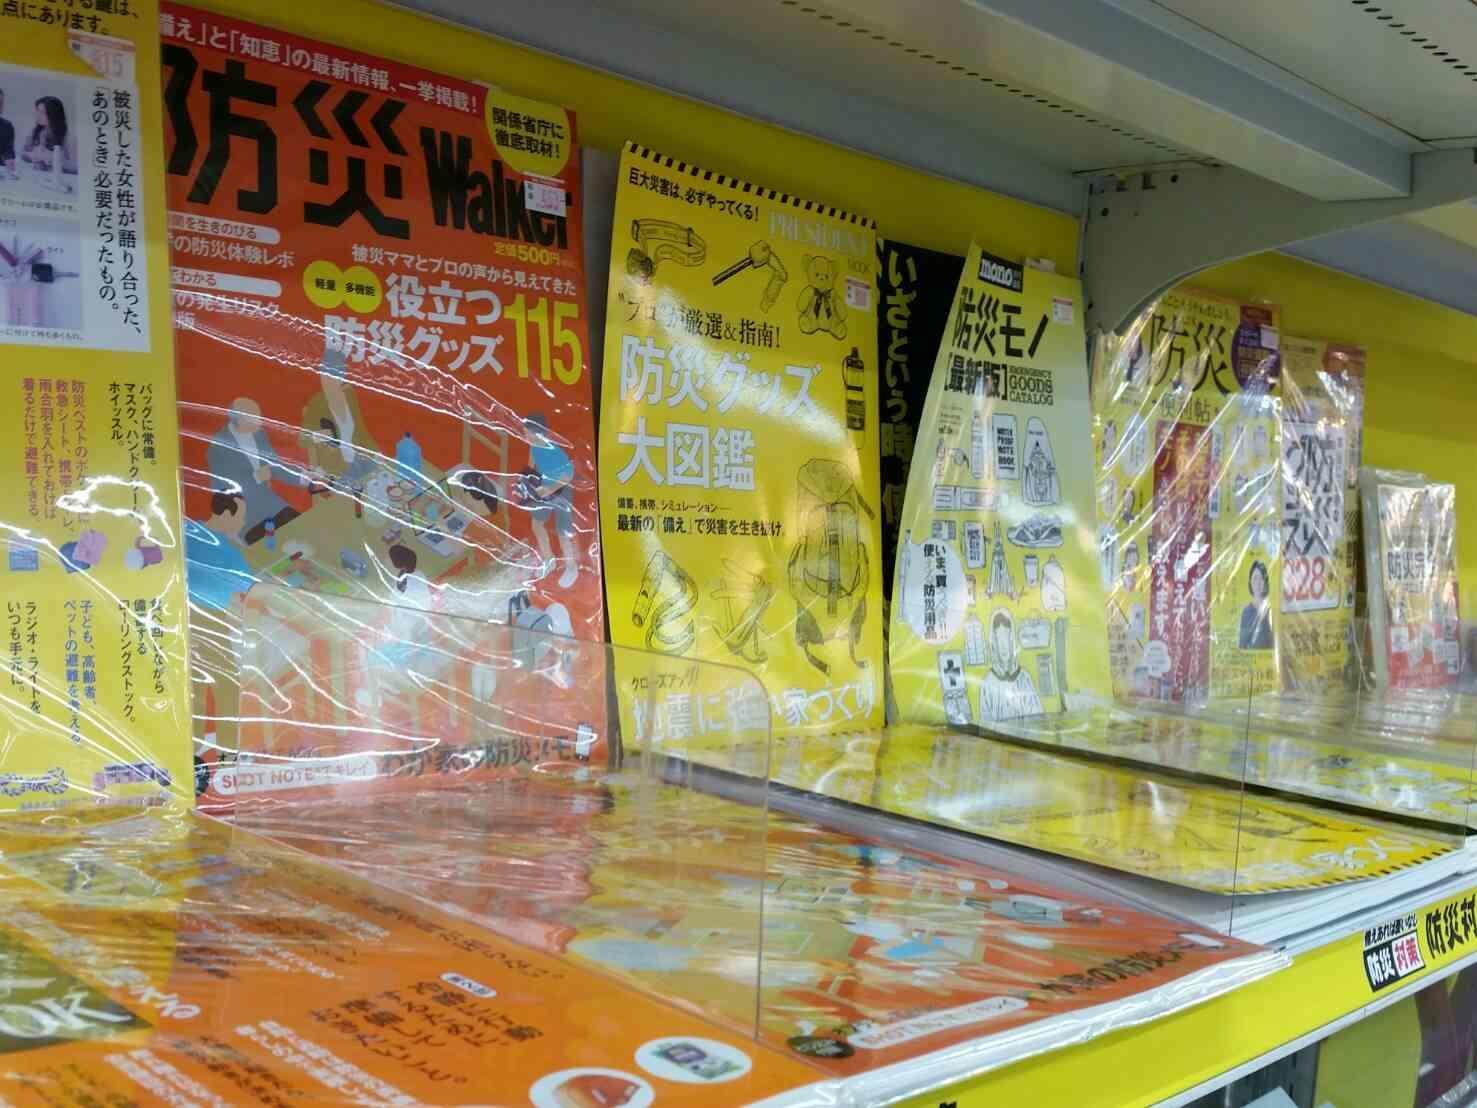 熊本地震、大分地震、九州北部豪雨から地域防災を考える